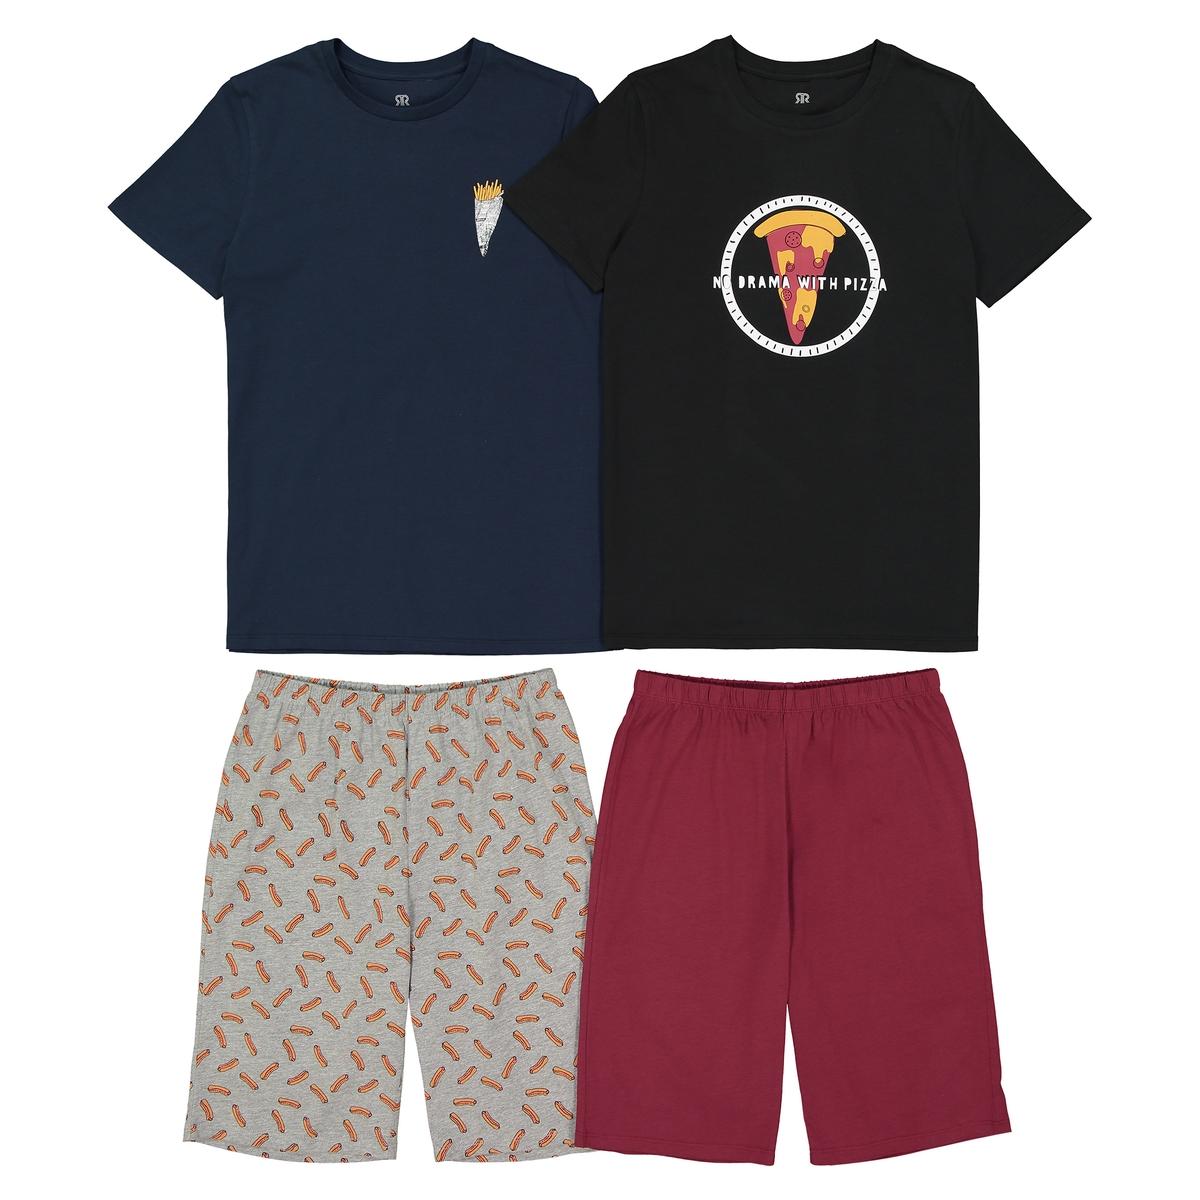 купить Пижамы La Redoute С шортами с рисунком 16 лет - 174 см черный дешево